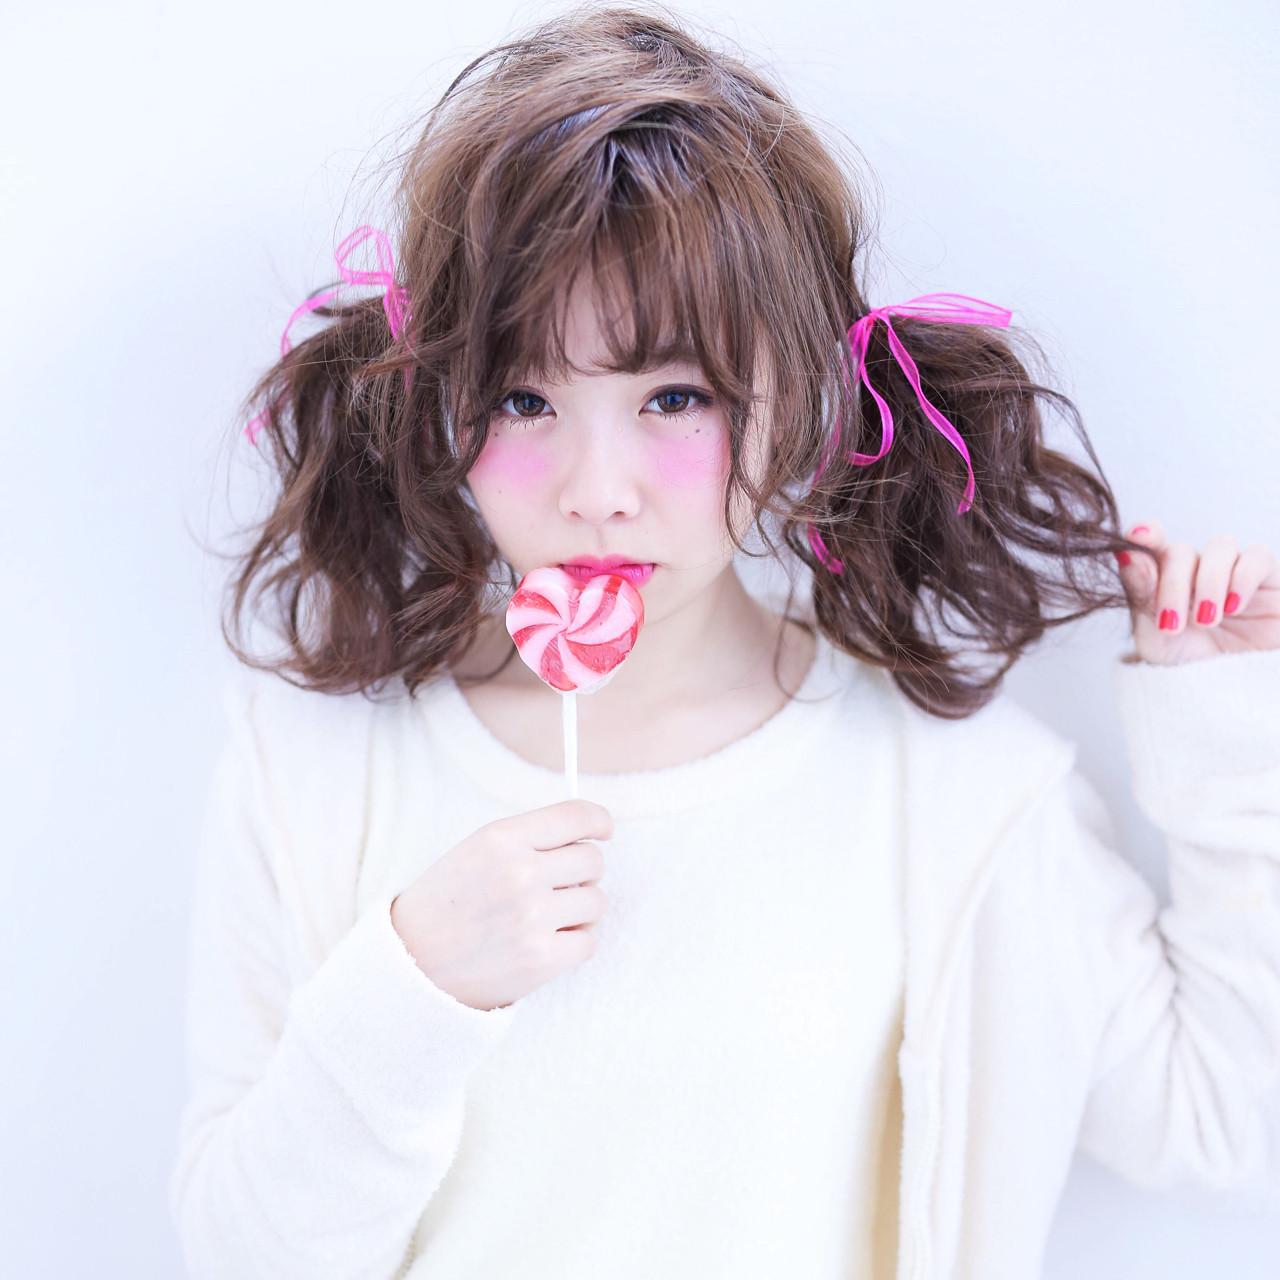 ツインテール ミディアム ヘアアレンジ フェミニン ヘアスタイルや髪型の写真・画像